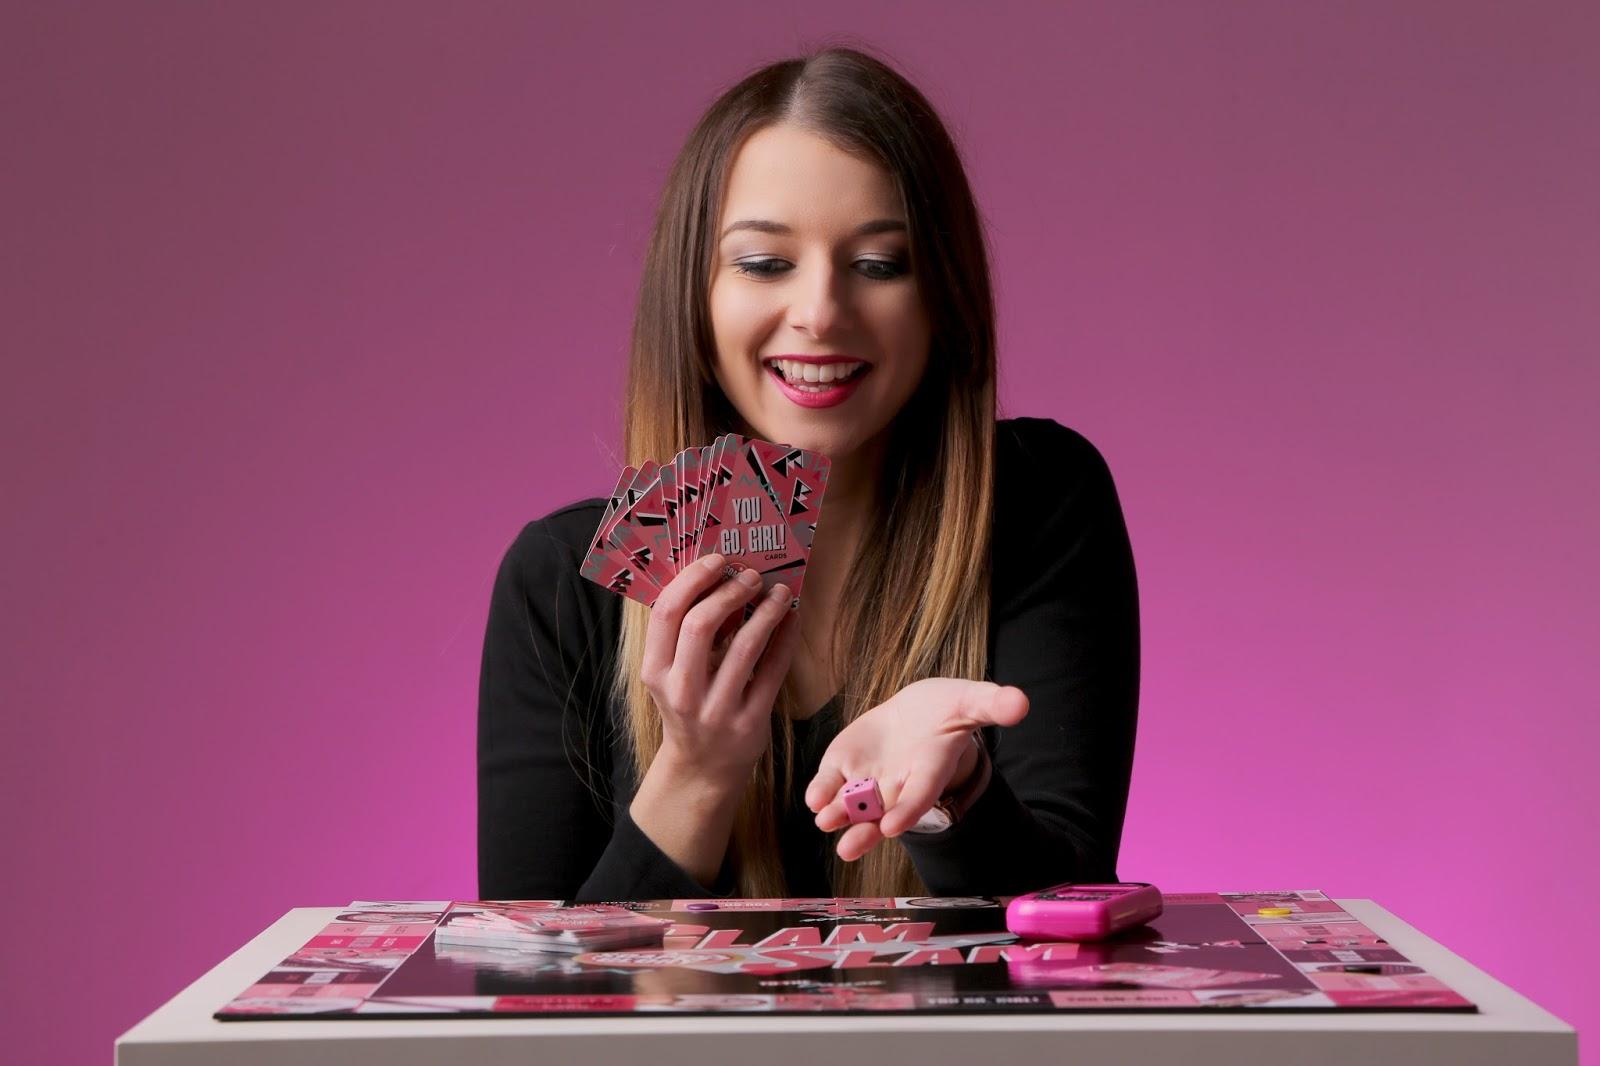 Makeup board game